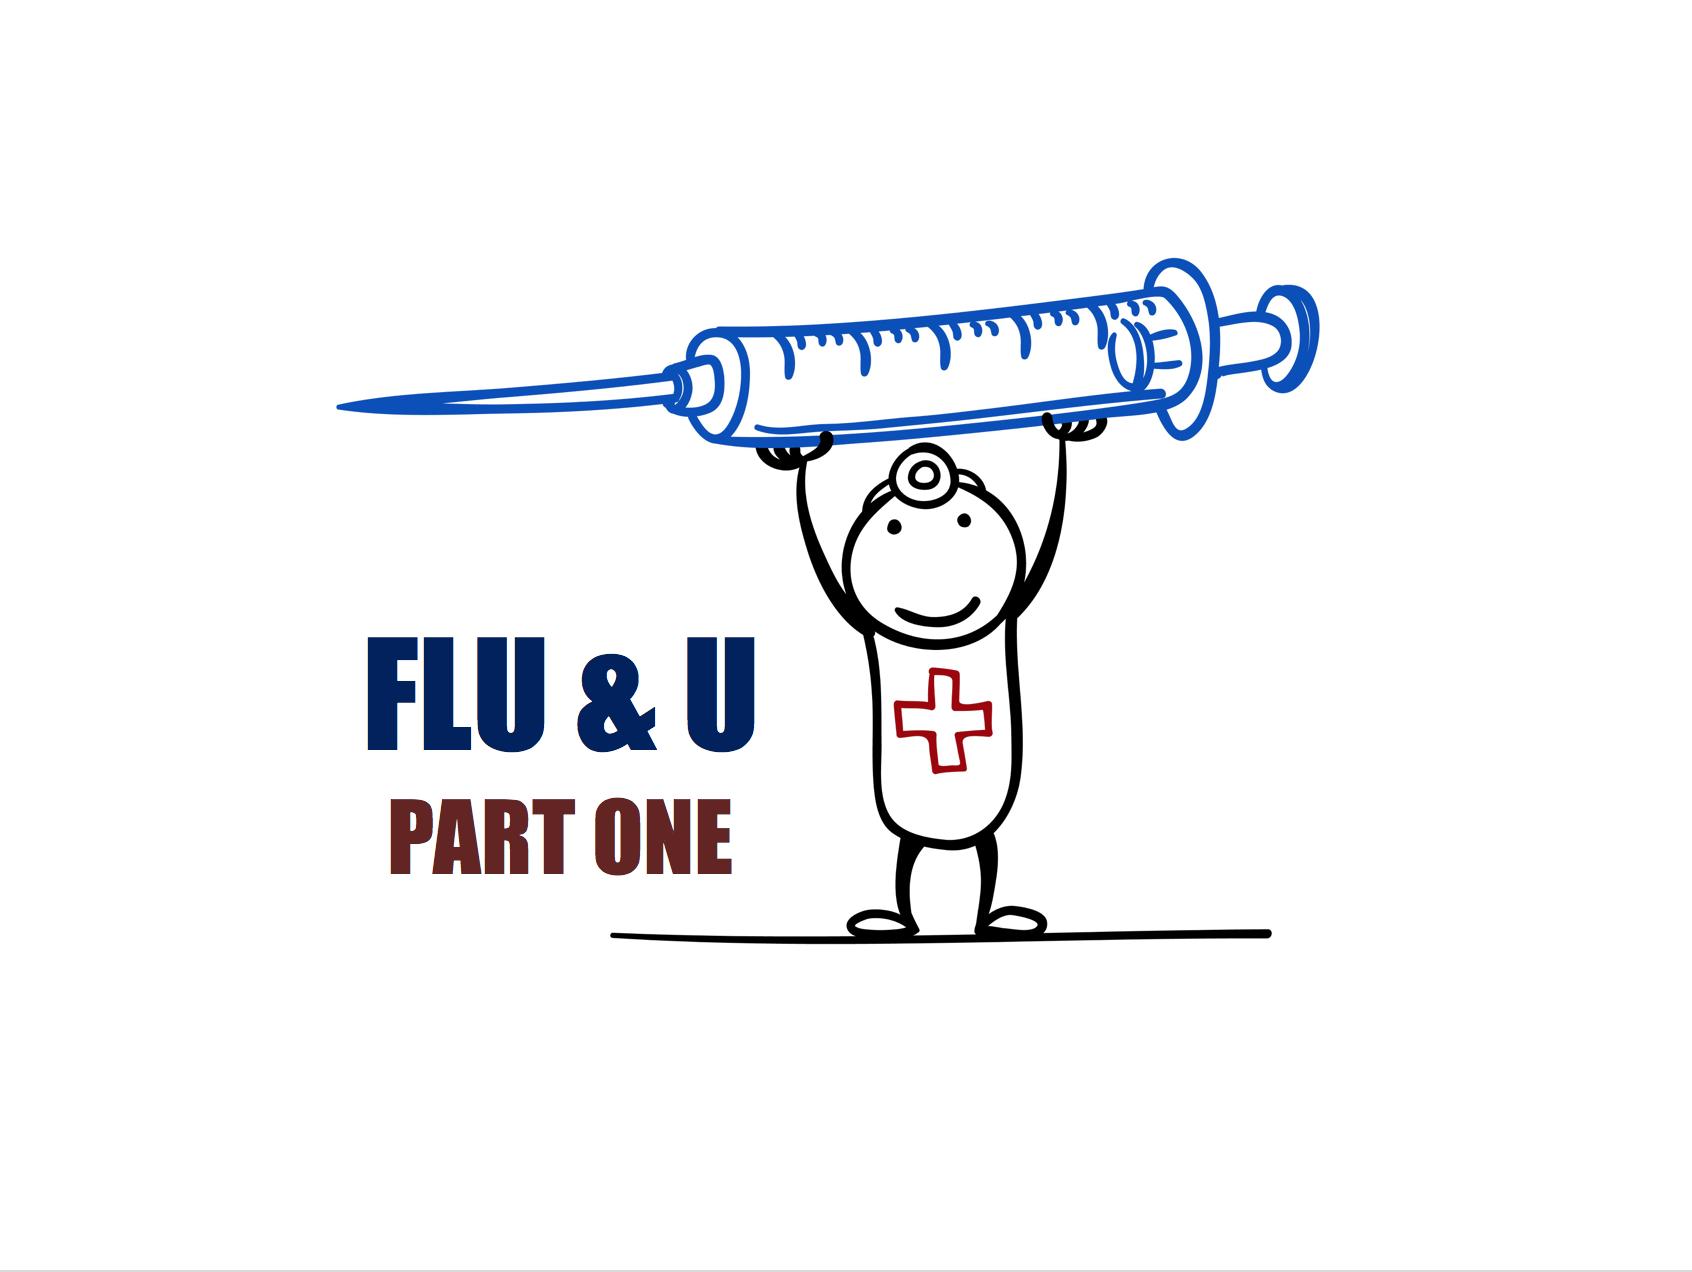 Flu & U: Part One